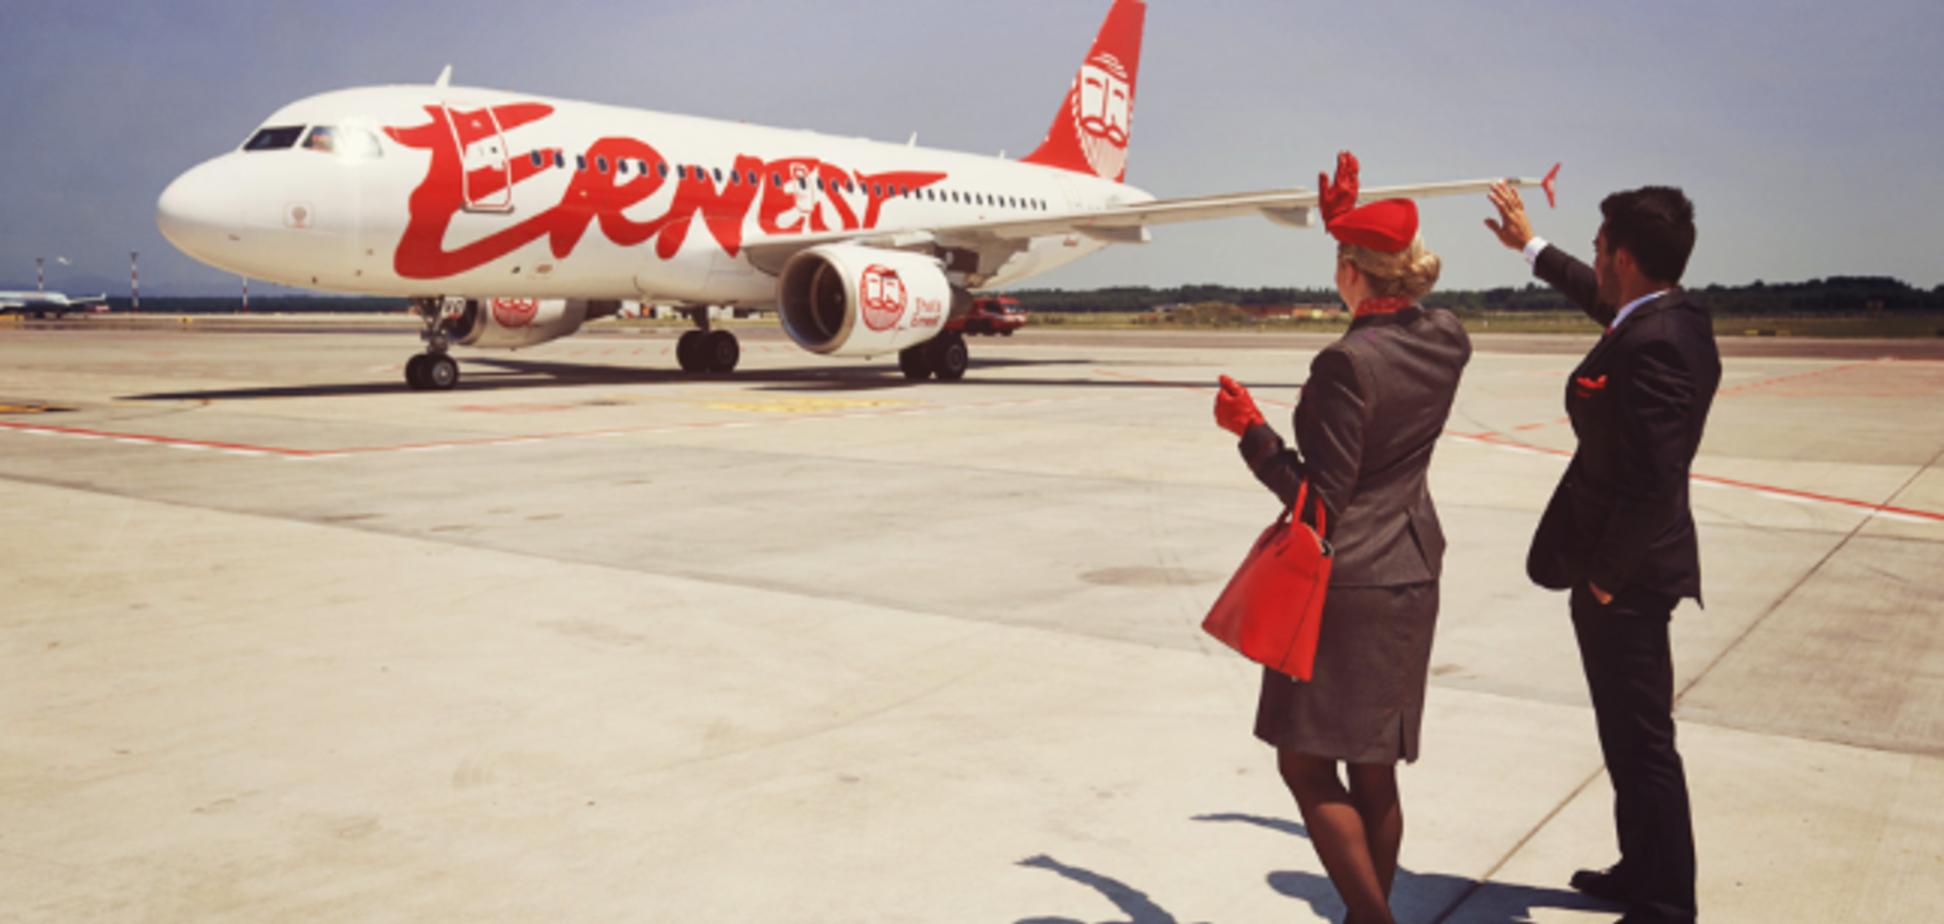 Популярный лоукостер запустил из Киева новые рейсы: названы направления